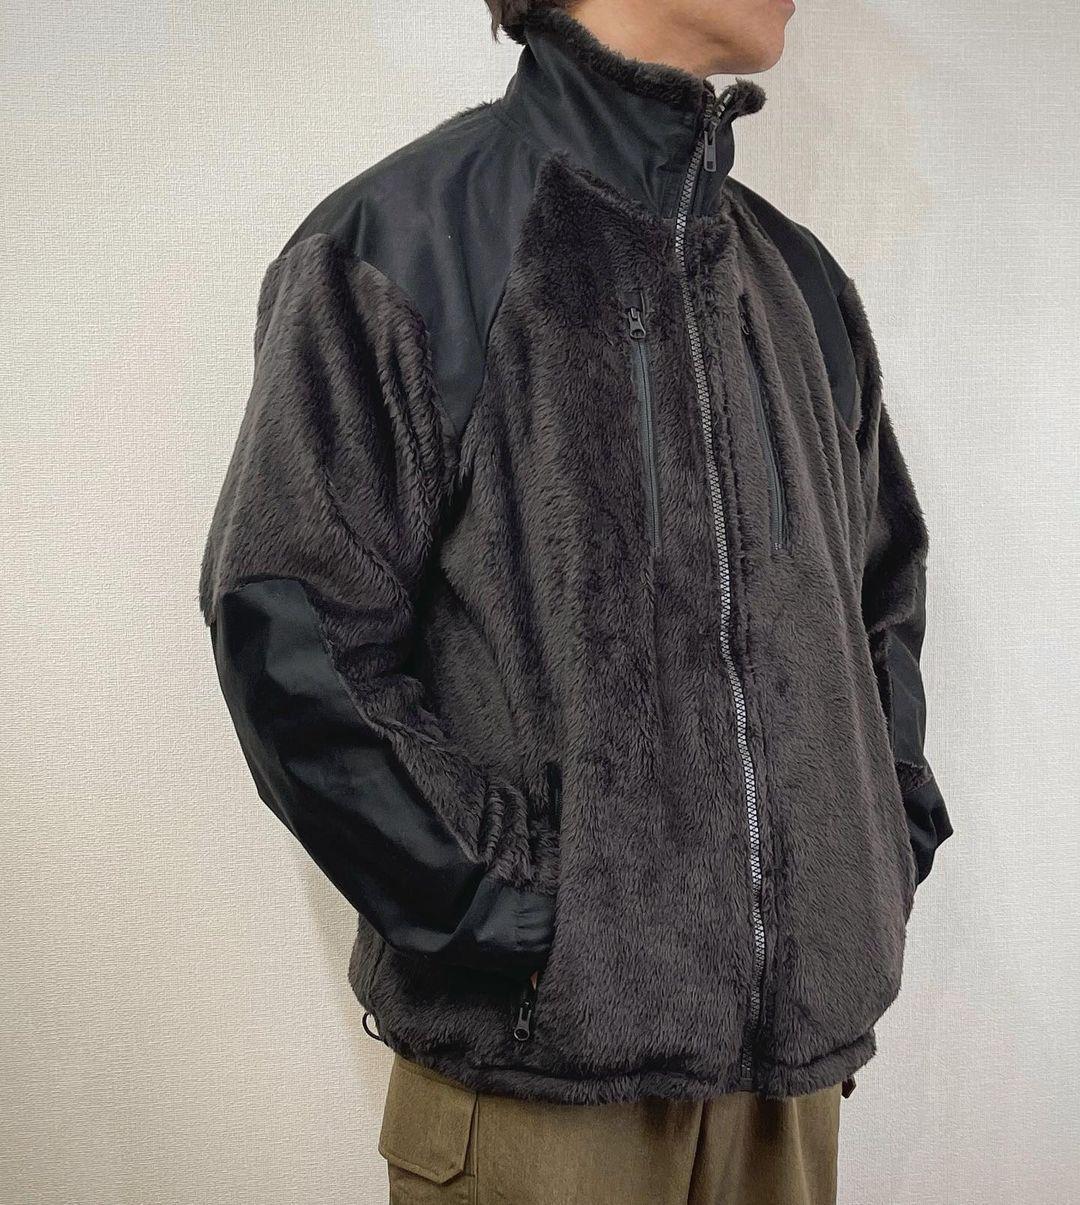 COLINA 2021AW high loft fleece GEN Ⅲ jacket ver2021 black polyester 100% 2020AWでリリースした high loft fleeceを使用した GENⅢ jacketをアップグレードして 今年もリリース予定です。 生地は、もっと保温力の高いヘビーなタイプを使ってみようかと迷ったのですが、 重さが気になったのと、保温力がありすぎると着れるシーズンやシーンがより限定的になってしまうので、あえてデザインとサイズを微調整してリリースするのが一番良いかなって思って、着丈や袖丈を少し長くして胸ポケットを左右に配置する事で収納力と防風性を少しアップした形でリリース致します。 ハイロフトフリースは、このブランドを始める前から、かれこれ20年近くPatagoniaのR2からR4まで散々お世話になっていて、秋冬のデイリーなワードローブとしては欠かしたことがない素材だったので、とても思い入れがある素材で私にとっては欠かせない素材の一つです。最近は、wool sweatを素肌に着て この、COLINAのGENⅢ jacketと、アウターだけで一週間の半分くらいは過ごしています。 保温力があるけど、風通しも良くて群れにくいので、オフィスでも通勤でもスポーツする時でも変わらずにこのスタイルでいけちゃうところが、とても気に入っています。 2020AWの販売も、リリースしてかなり早いタイミングで完売してしまったので再生産もかなり迷ったのですが、あえてアップデートして2021 AWで早めにリリースして 行こうと思っています。 来月からスタートする秋冬の展示会にも、 来月末のpopup storeにも展示予定ですので、皆さま是非試してみてください。 #colina #utility #gen3  #highlootfleece #fleecejacket  #miltalyfashion #vintage  #instafashion #mensfashion  #素材感 #機能性ファッション性融合  #洋服好きな人と繋がりたい  #お洒落さんと繋がりたい  @capertica_official  (Sangenjiyaya, Setagaya-ku)https://www.instagram.com/p/CLrd24ID51j/?igshid=up7xniqbefma #colina#utility#gen3#highlootfleece#fleecejacket#miltalyfashion#vintage#instafashion#mensfashion#素材感#機能性ファッション性融合#洋服好きな人と繋がりたい#お洒落さんと繋がりたい